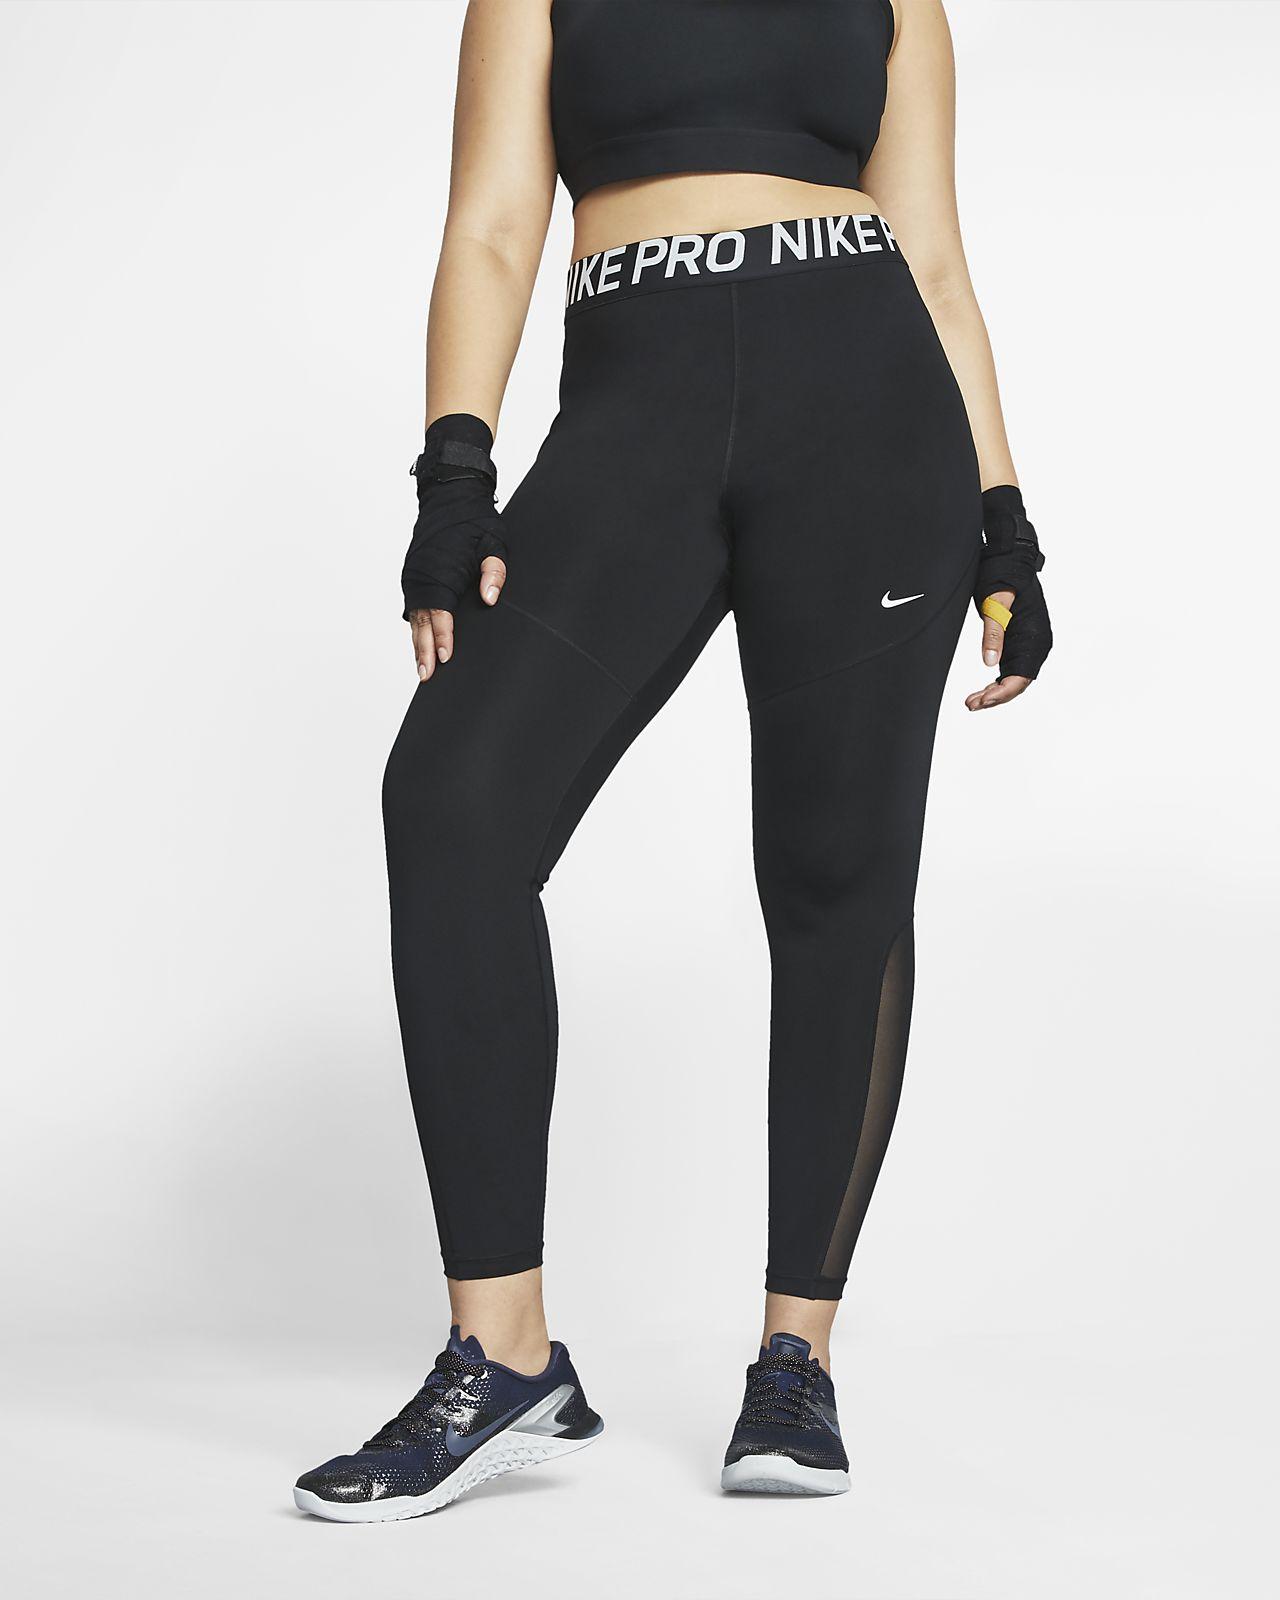 Tights Nike Pro för kvinnor (större storlek)